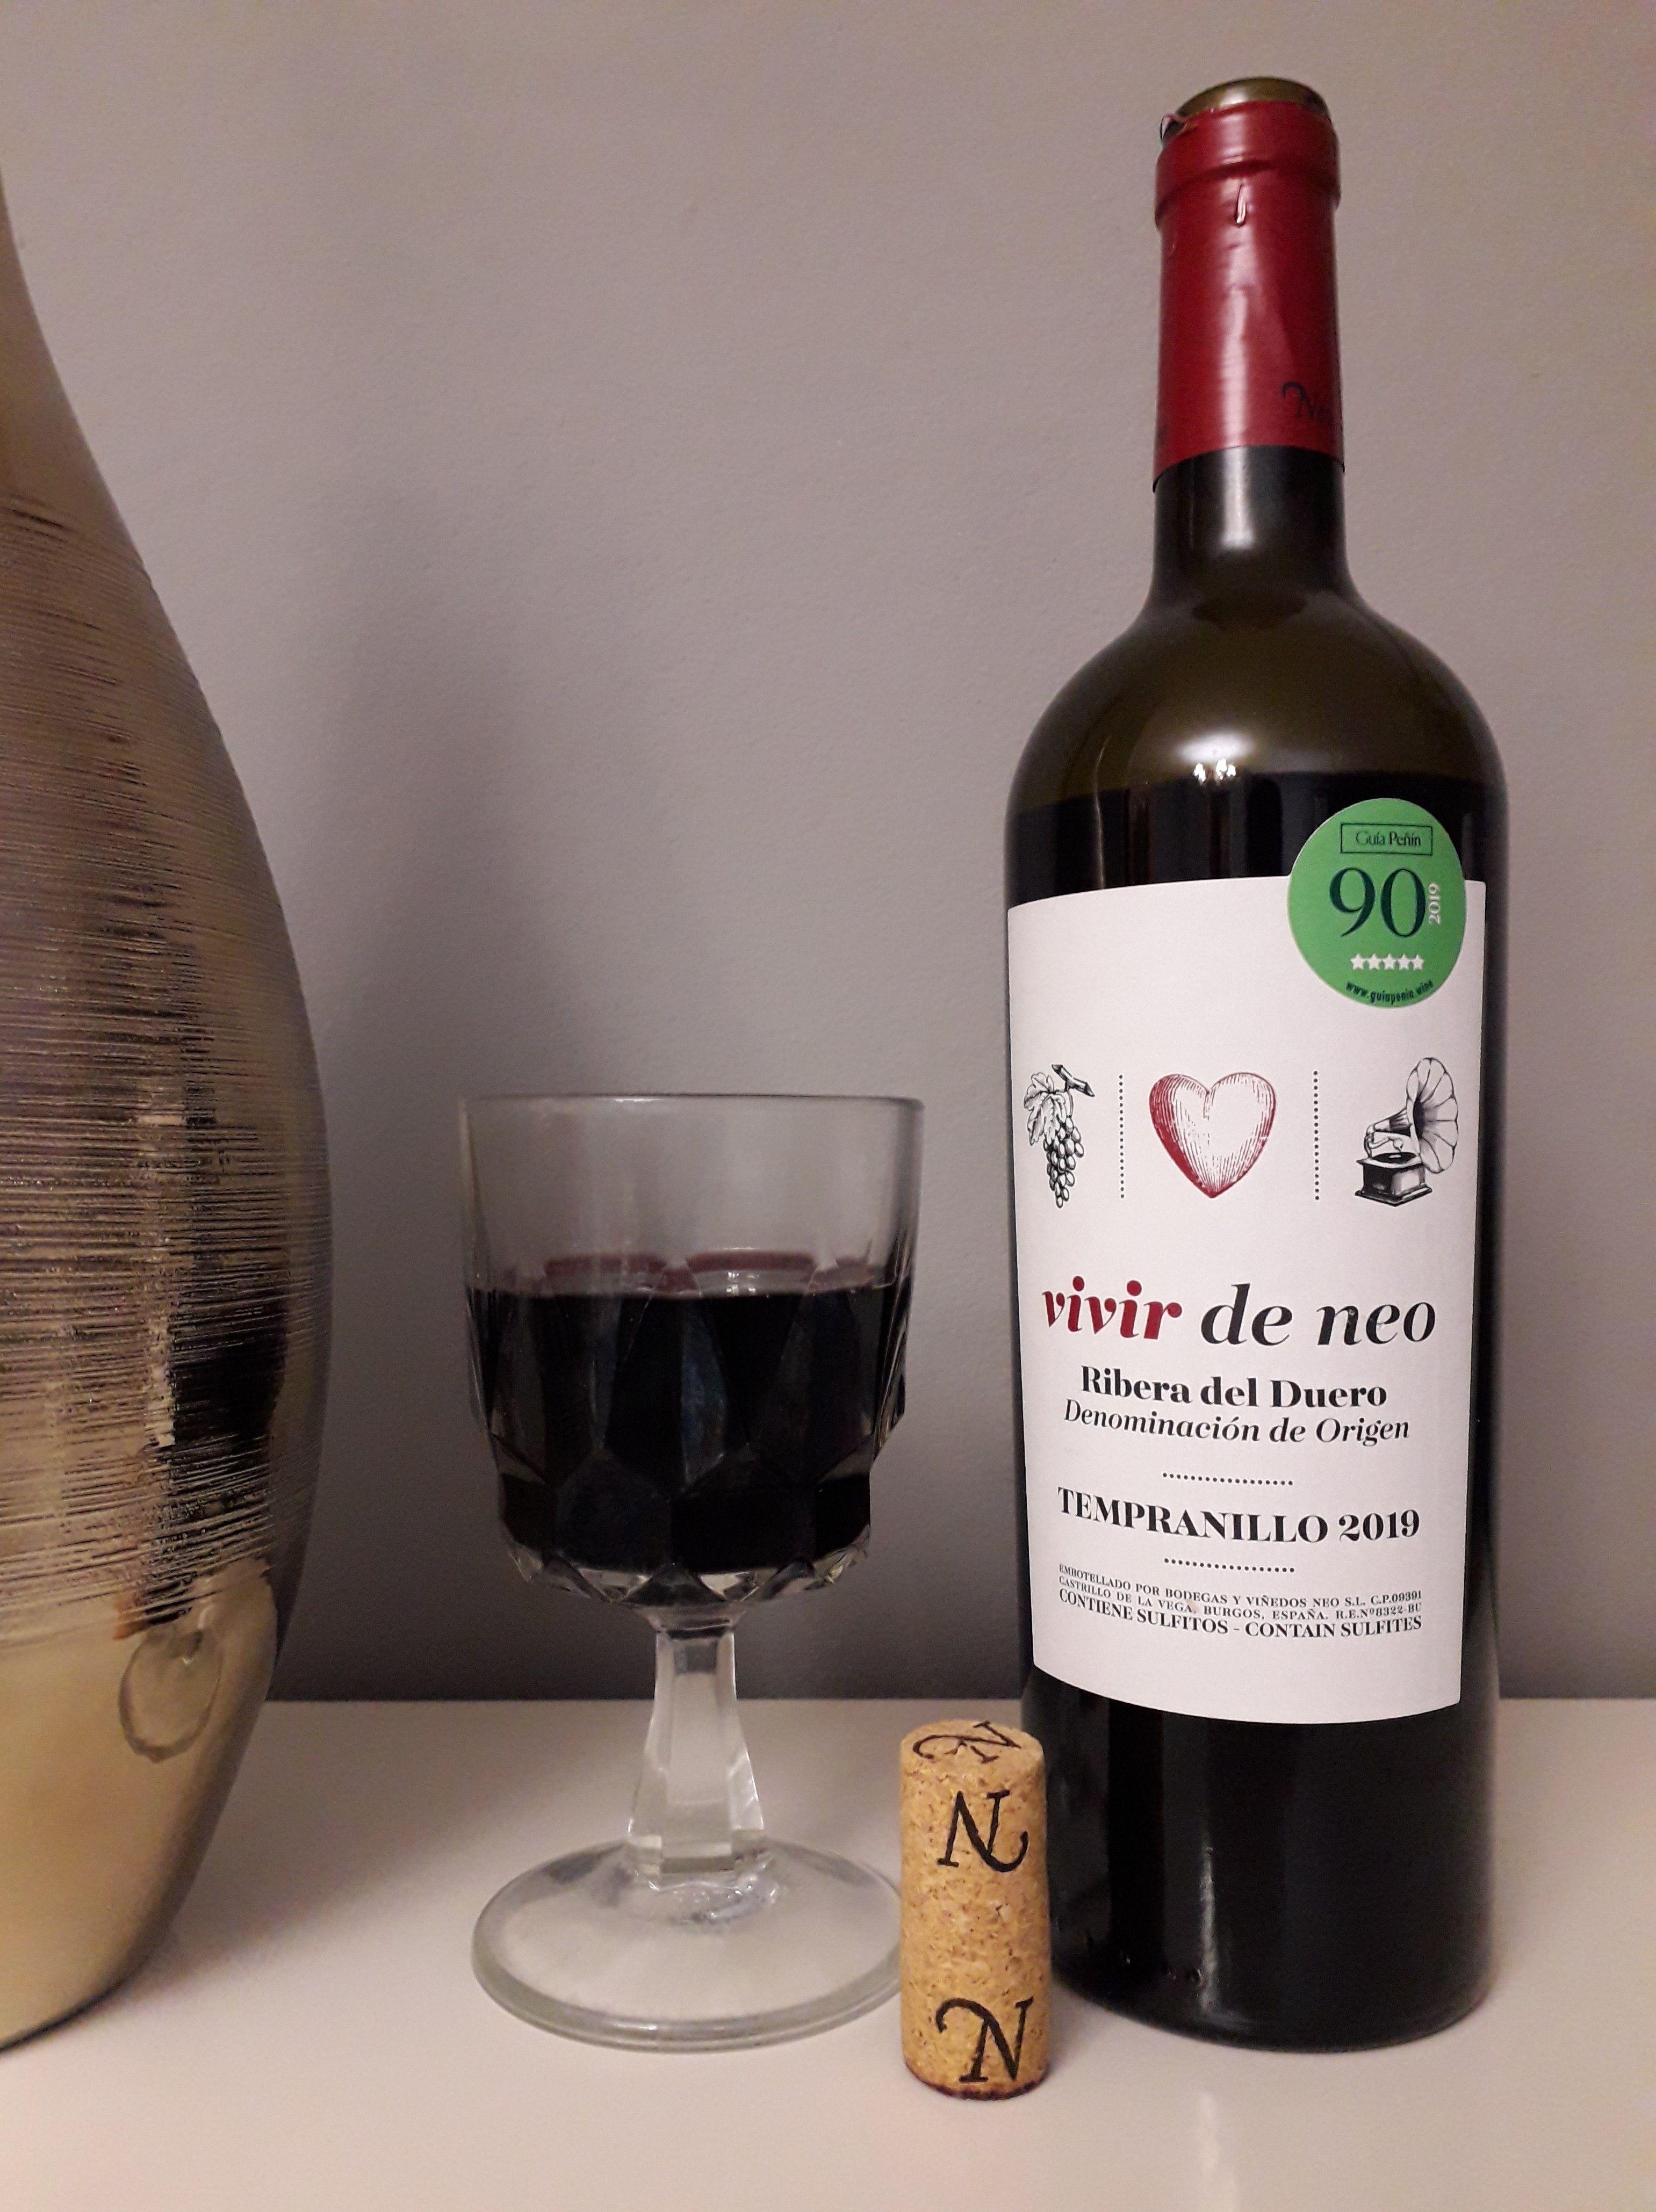 Vivir De Neo 2019 Vinhos